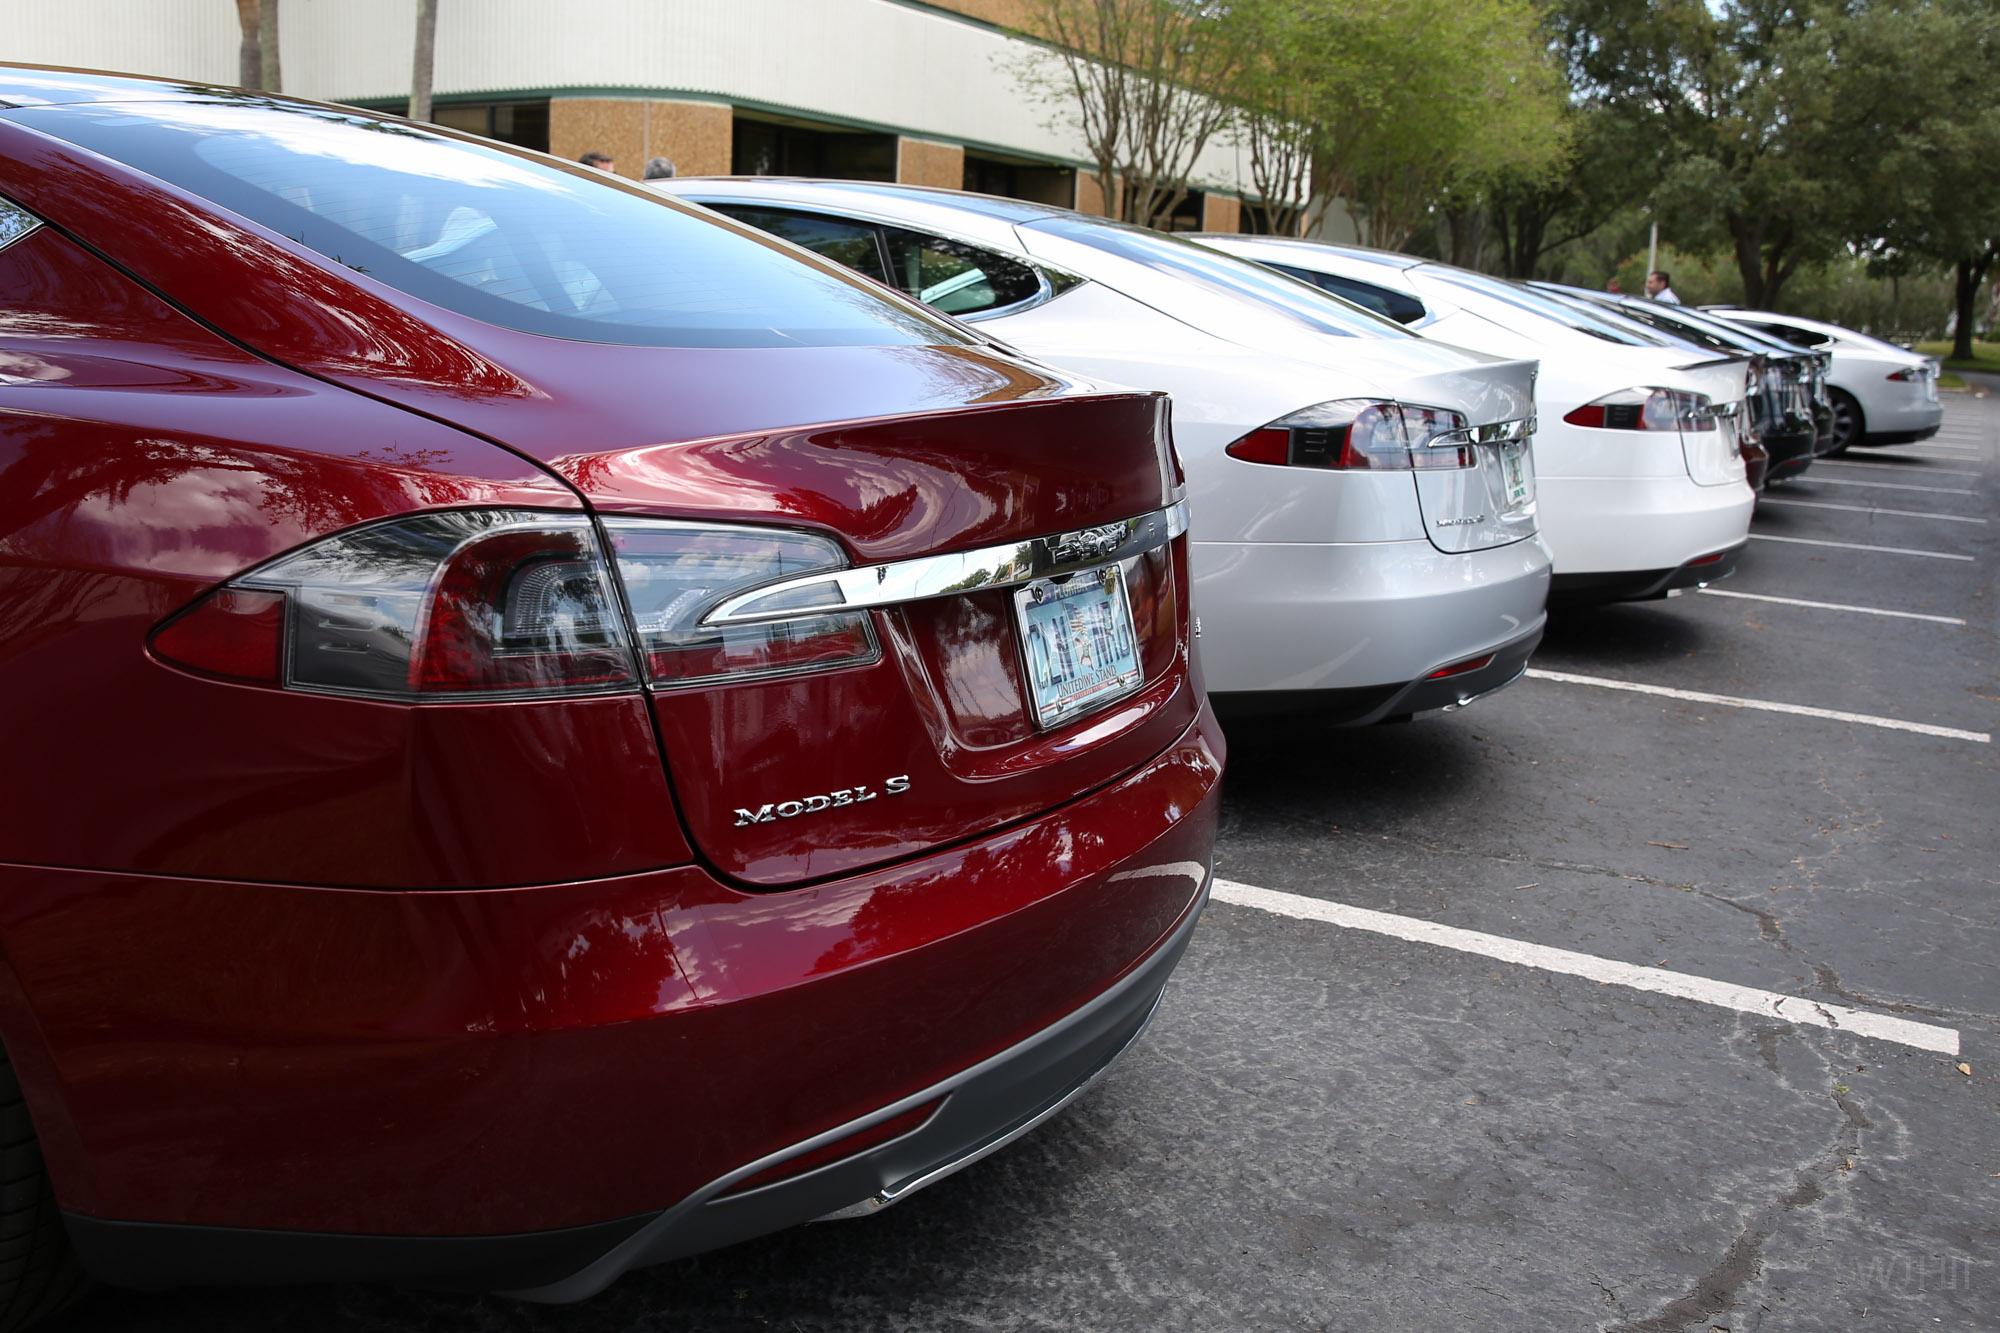 TeslaMotorsClub_Tampa_28APR13_0065.jpg